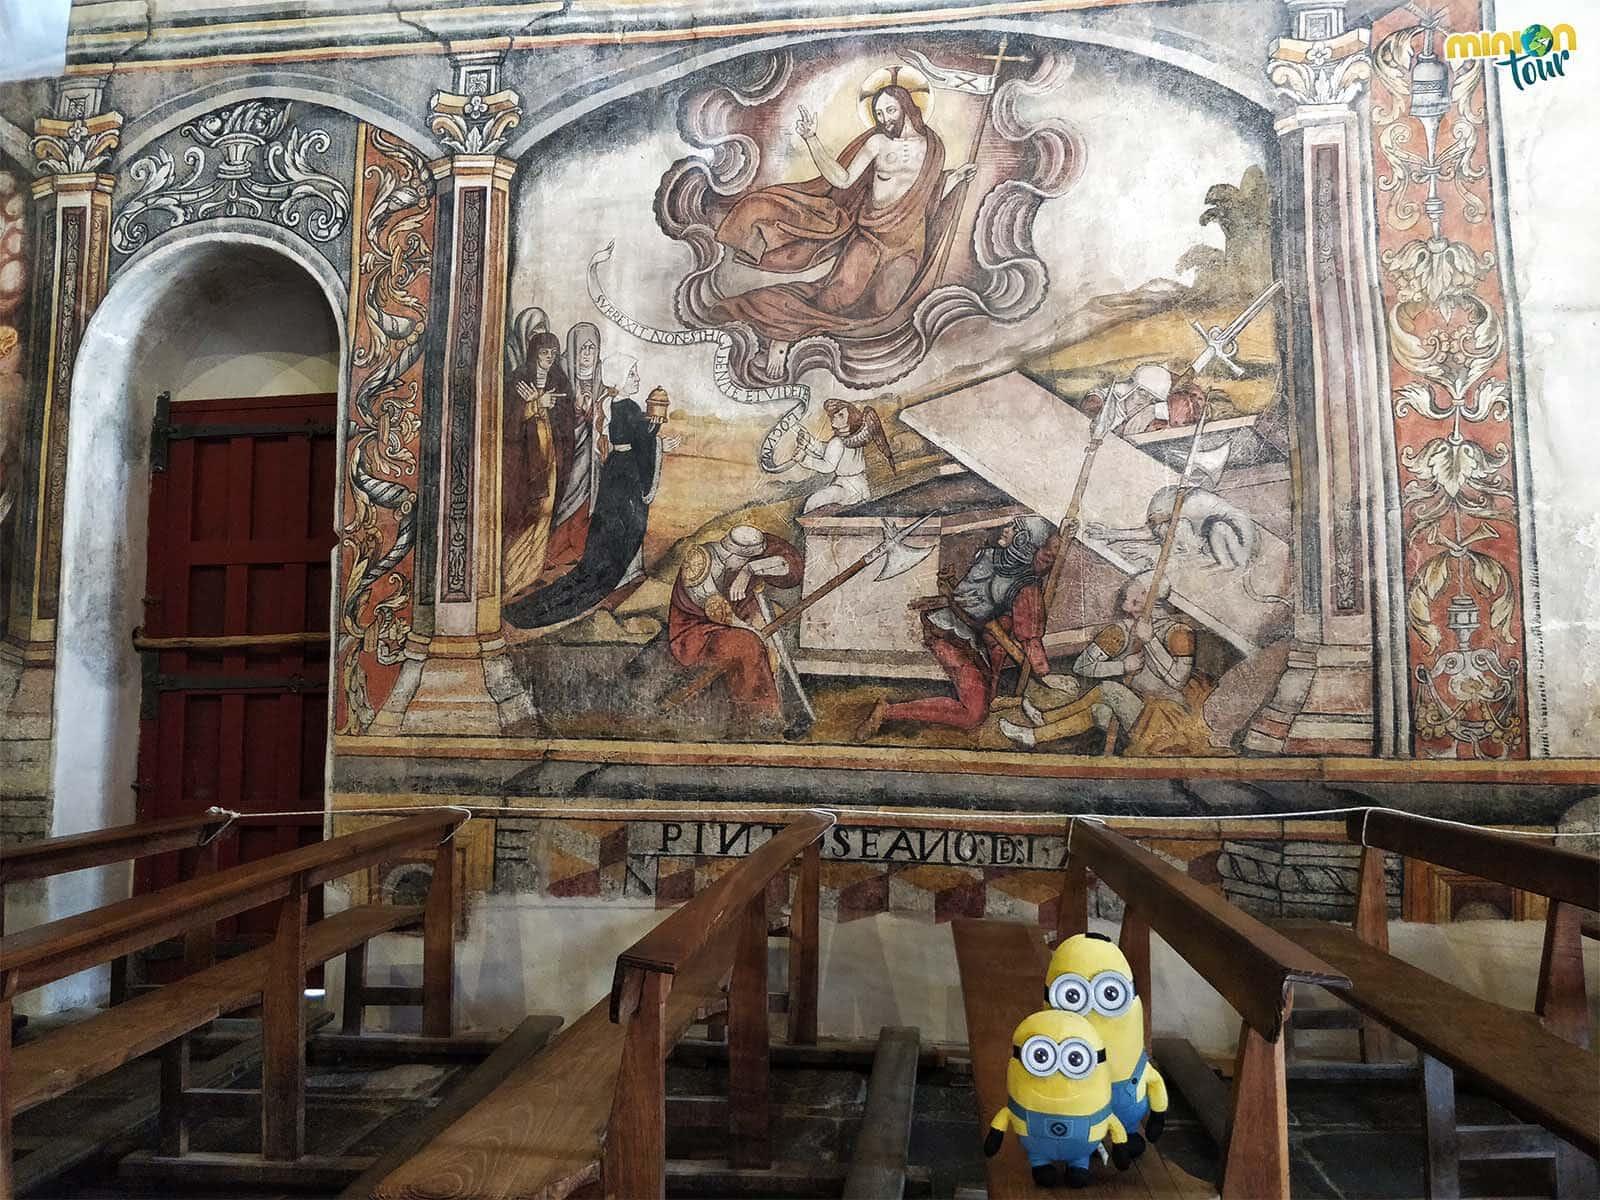 La Resurrección en las pinturas murales de Santa María de Nogueira